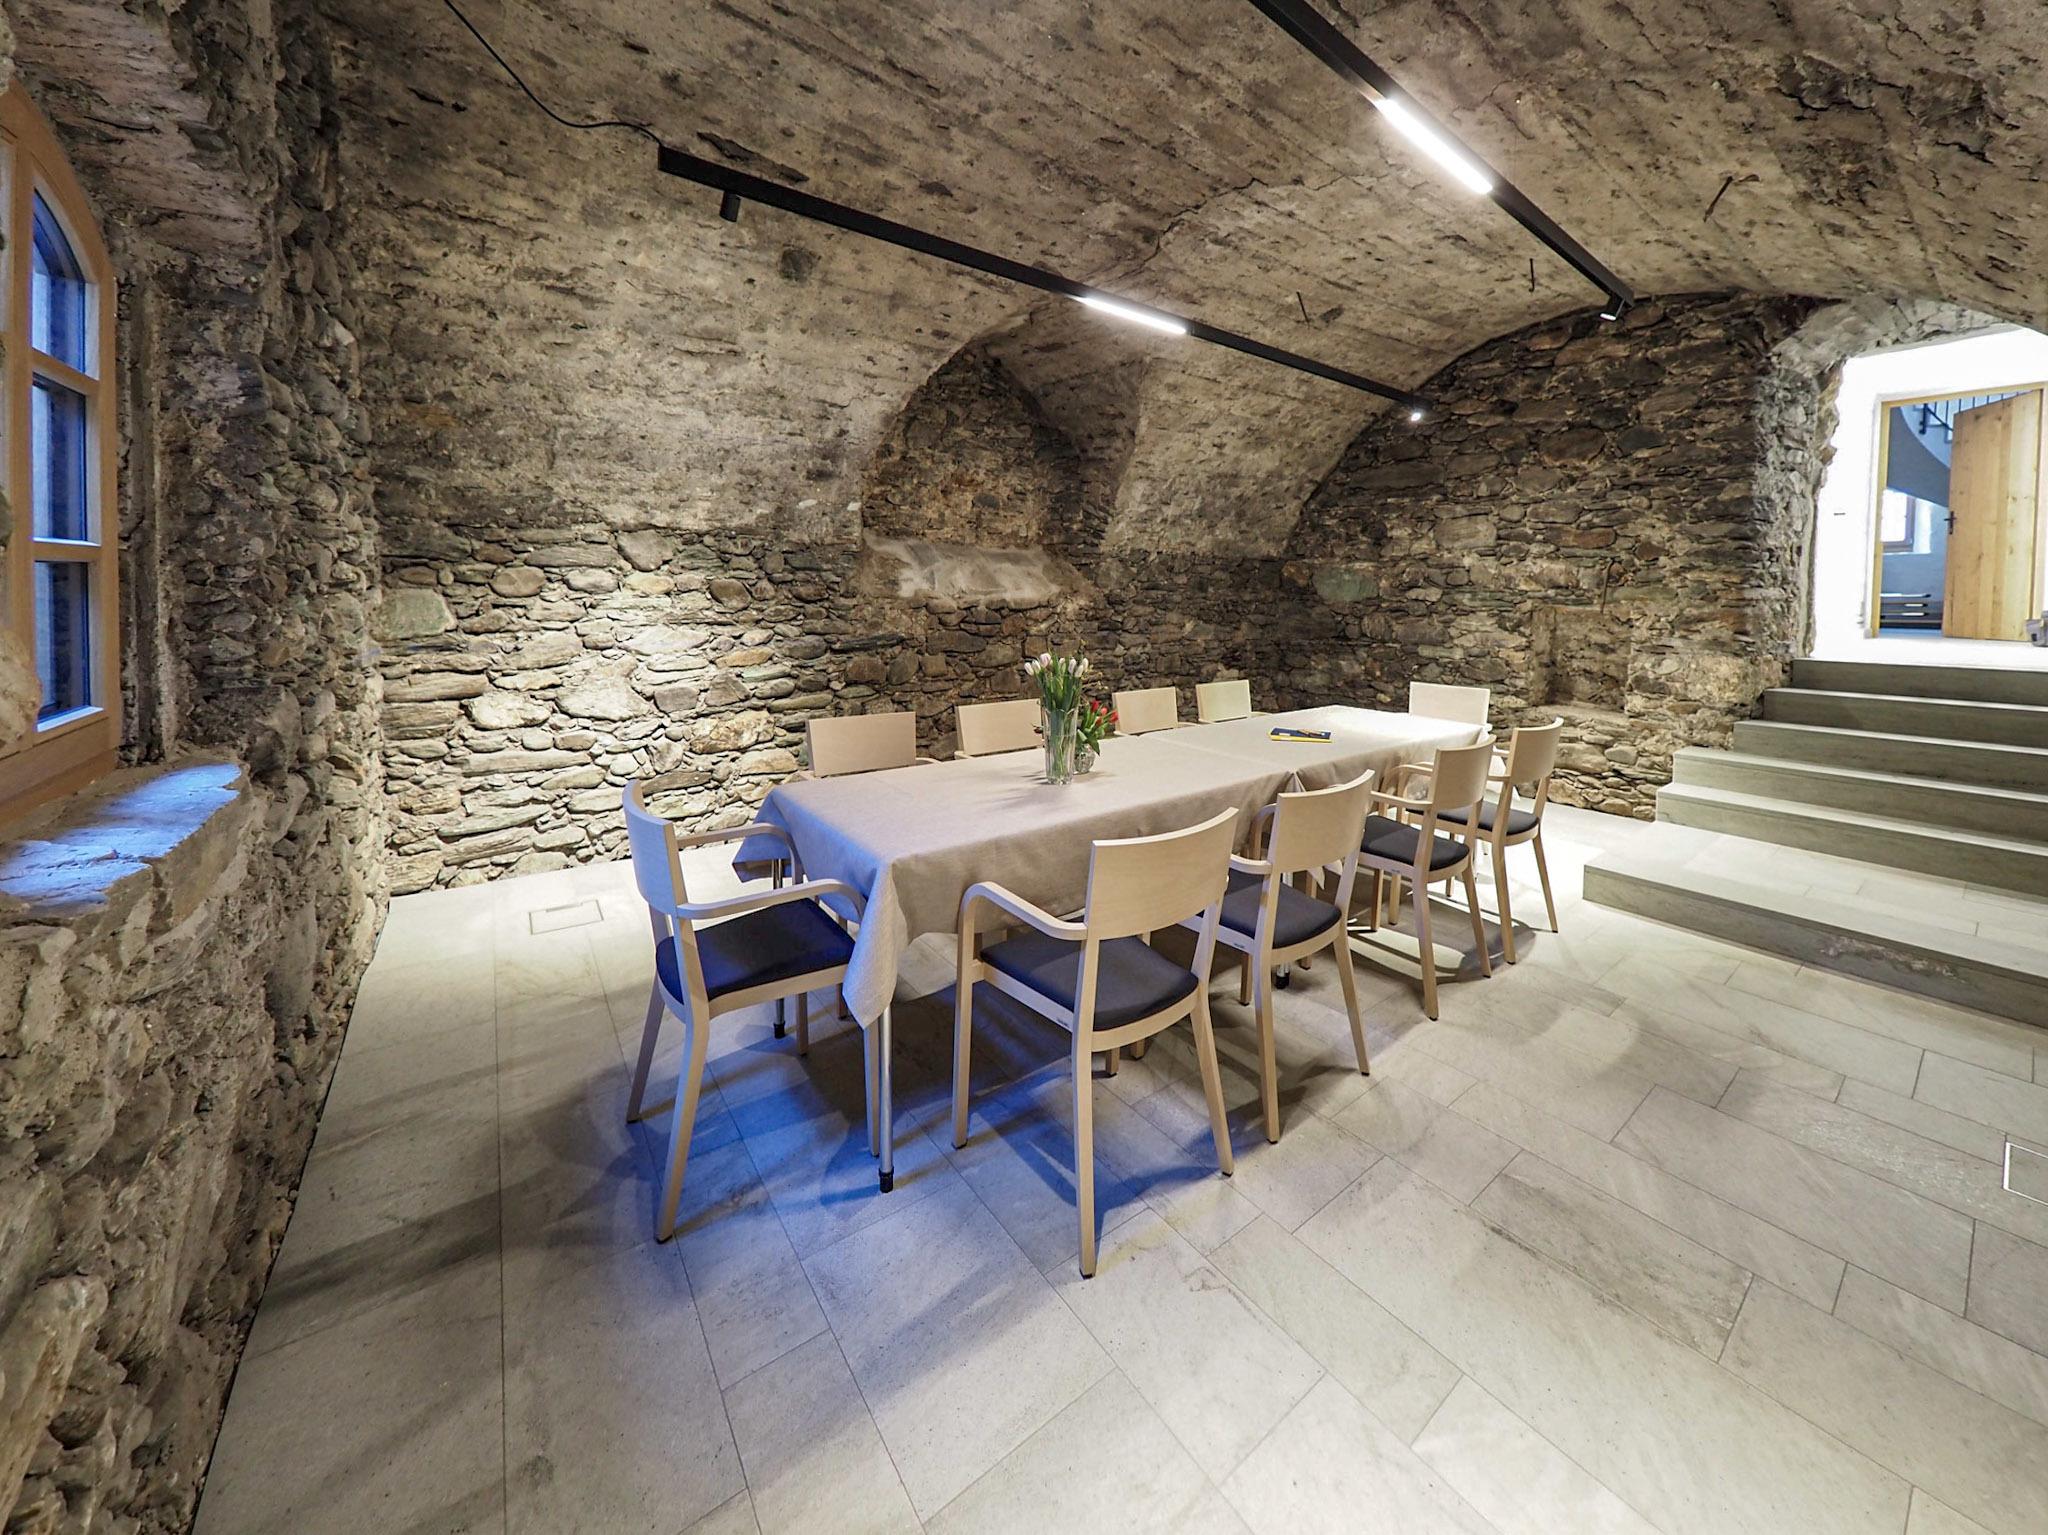 Kellergewölbe im Original erhalten